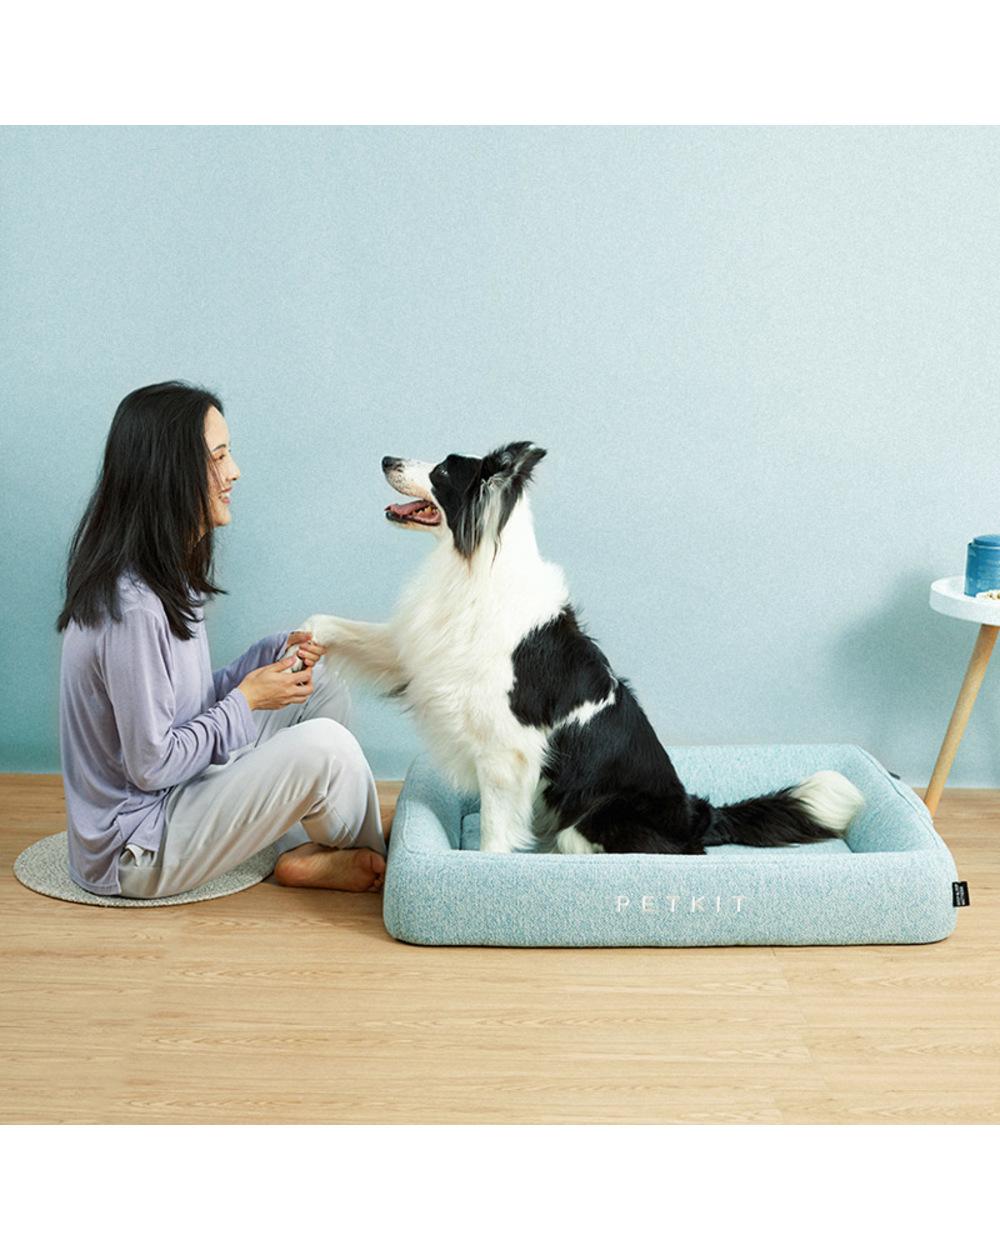 Pet Nest Bed Pet Bed Nest (S) 5